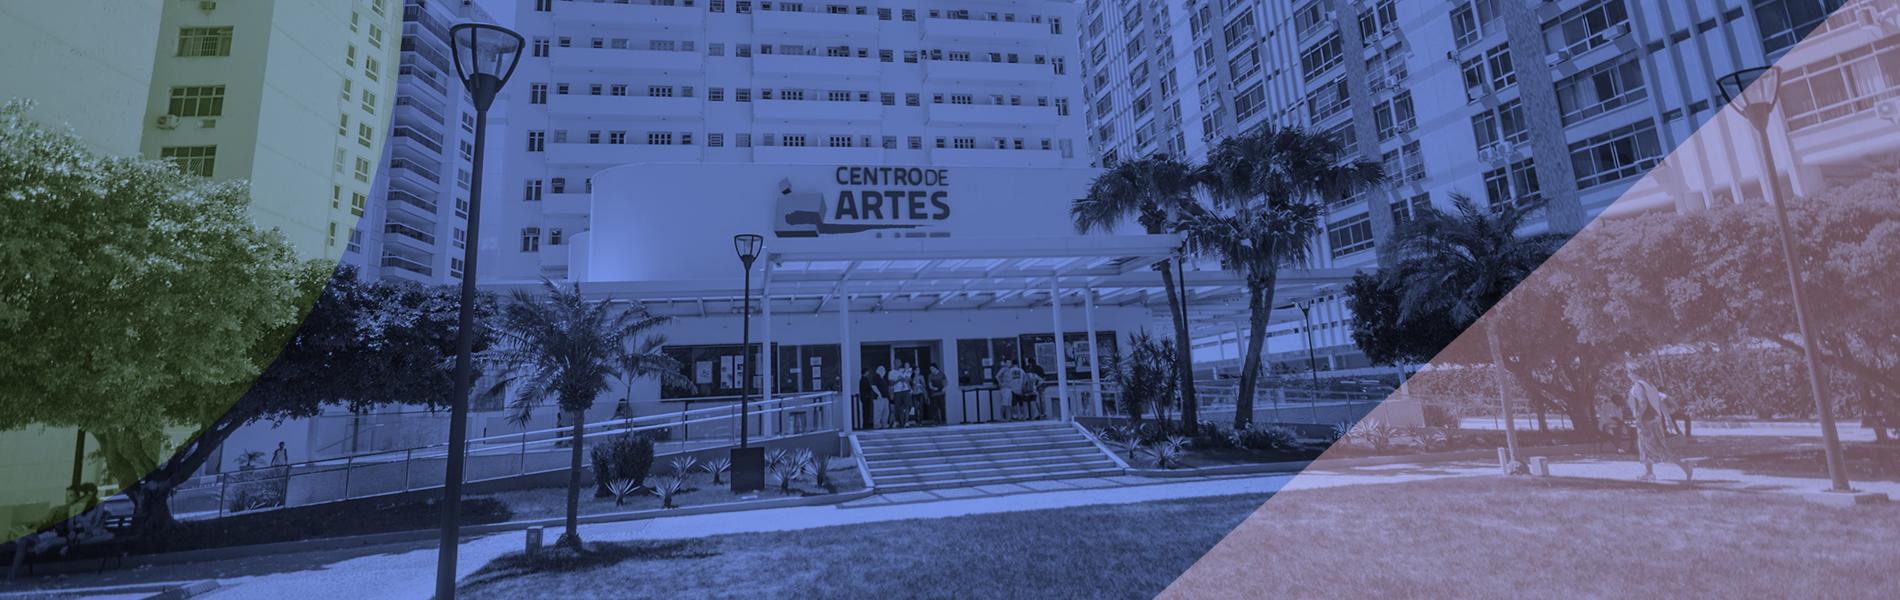 imagem da fachada do centro de artes com o prédio da reitoria ao fundo